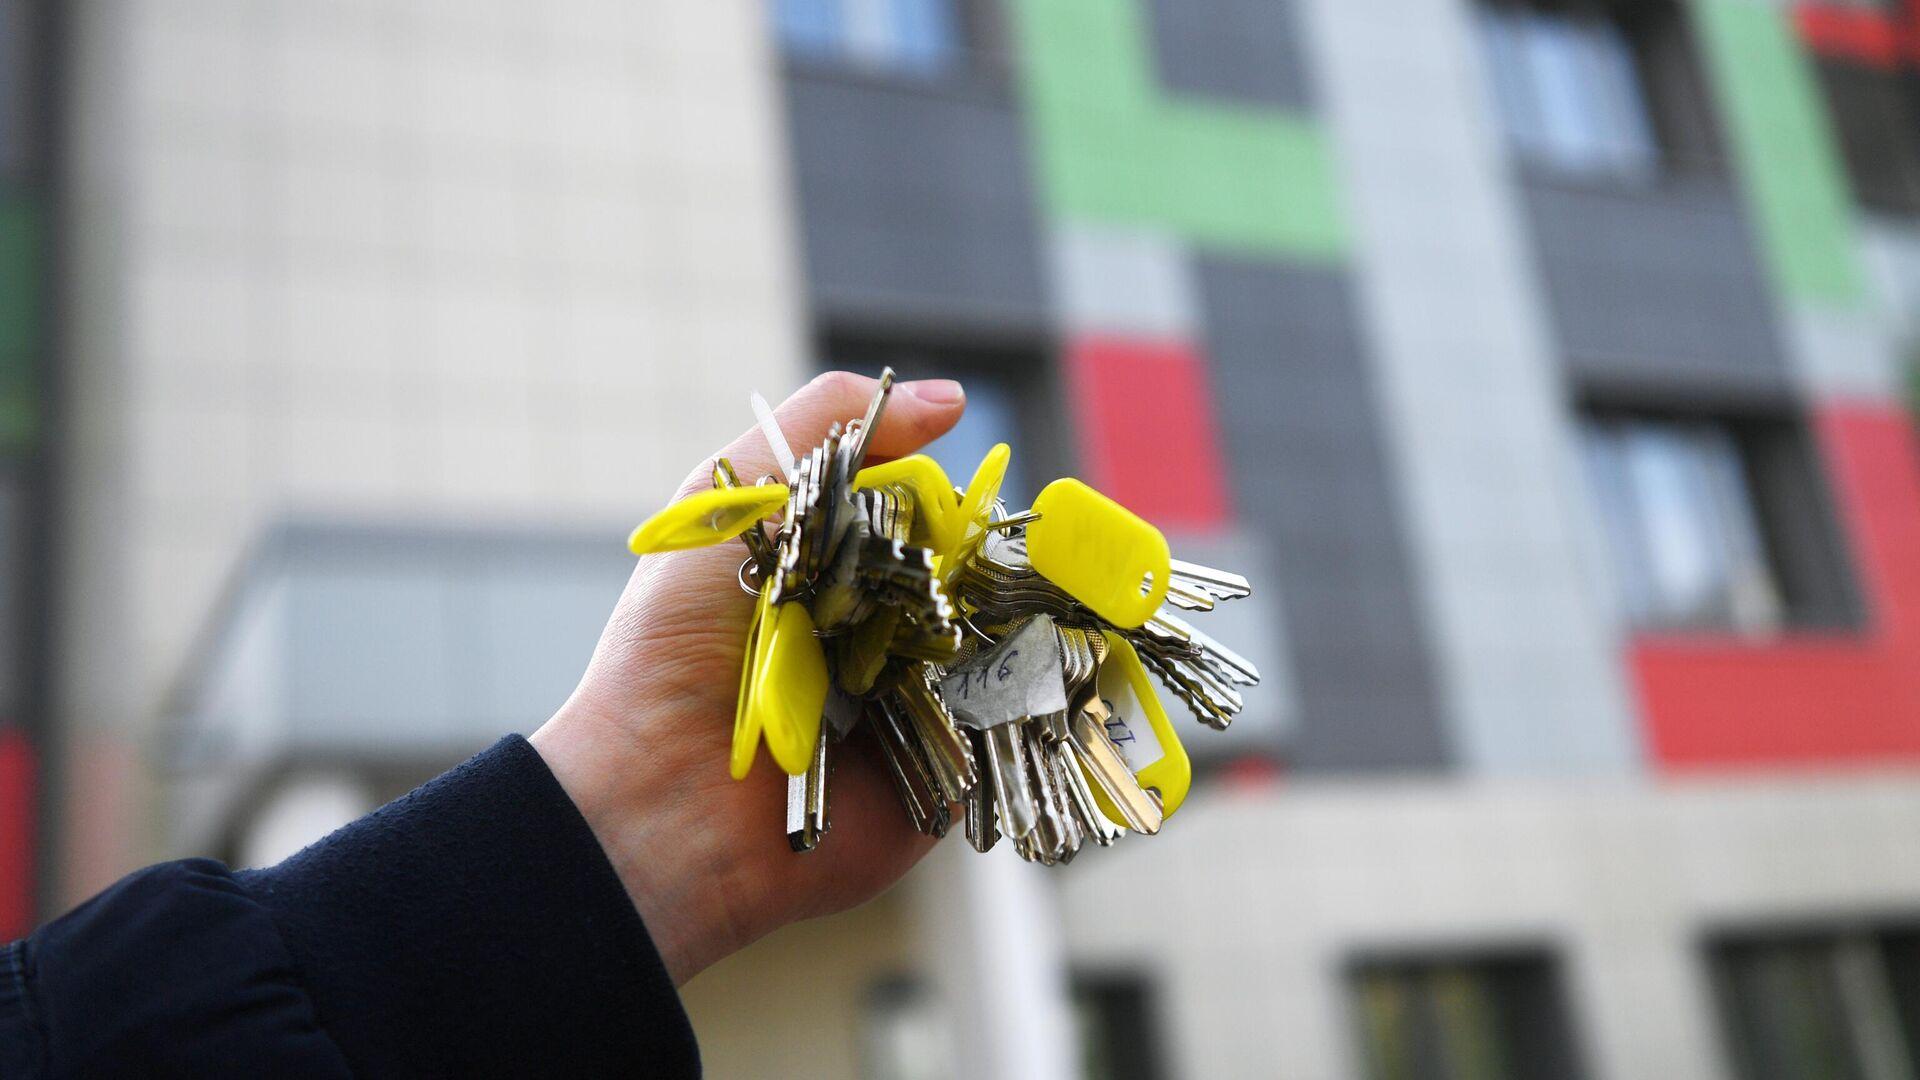 Связка ключей от квартир многоэтажного жилого дома  - РИА Новости, 1920, 13.07.2020